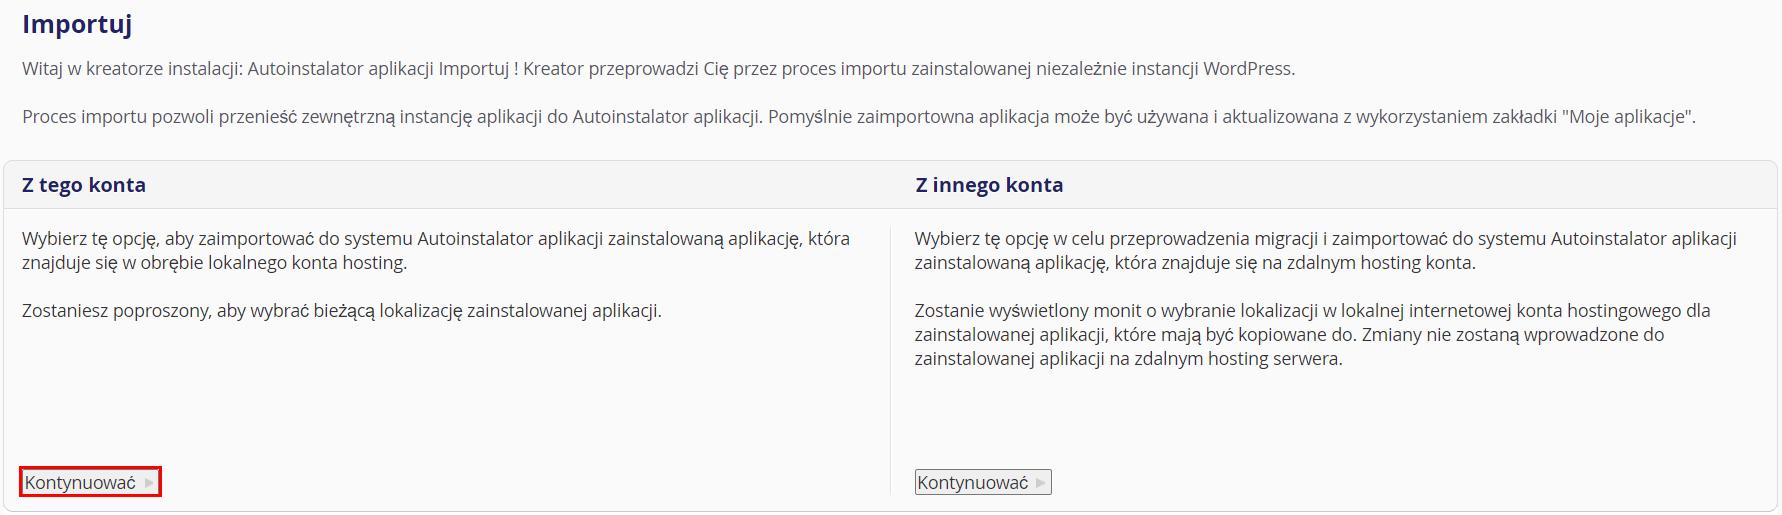 Znajdź sekcję: Z tego konta i kliknij kontynuuj, aby zaimportować istniejący WordPress do autoinstalatora.